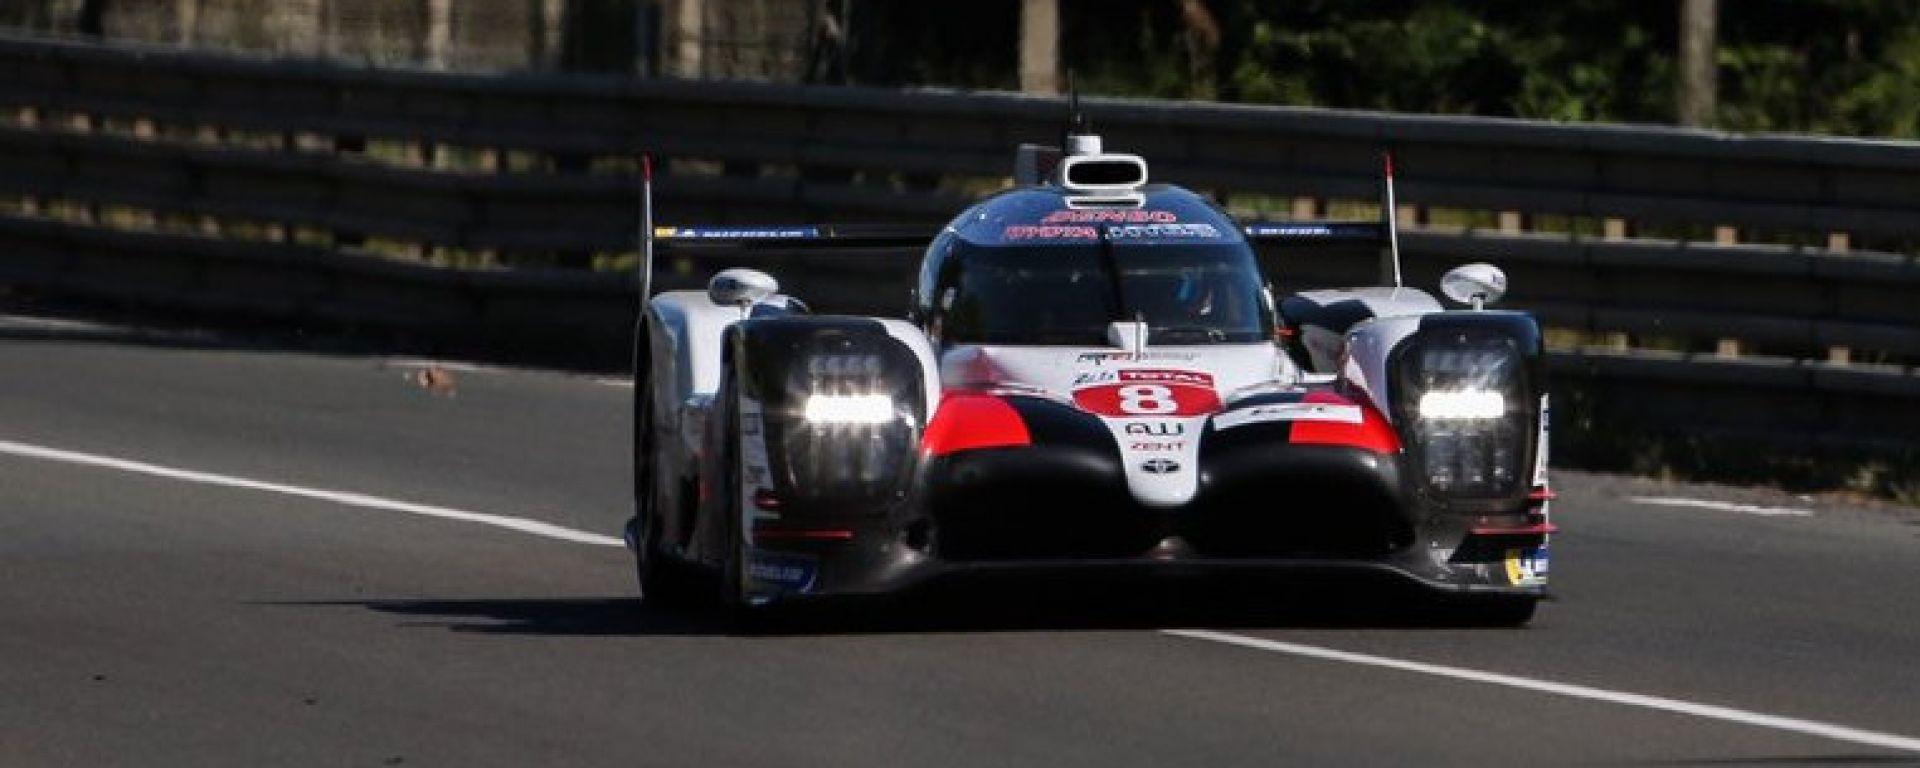 La Toyota TS050 Hybrid di Alonso, Buemi e Nakajima nei test della Le Mans 2019